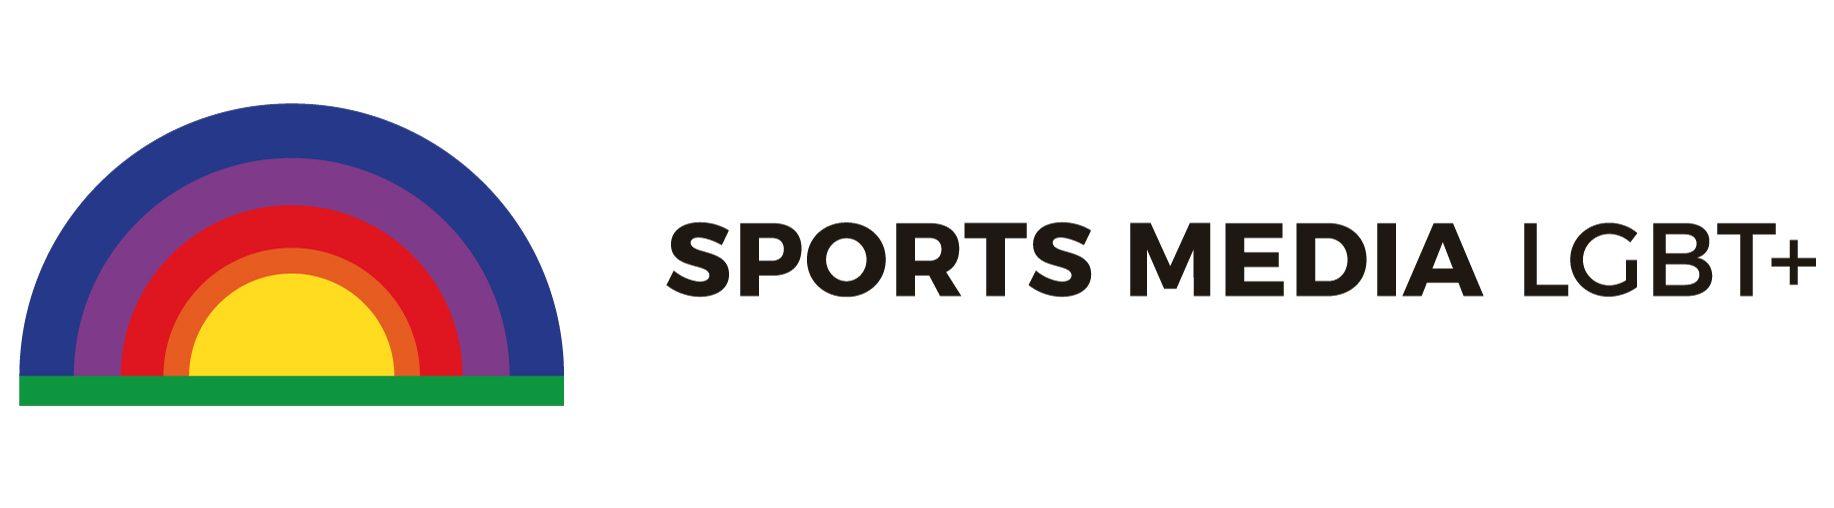 Sports Media LGBT+